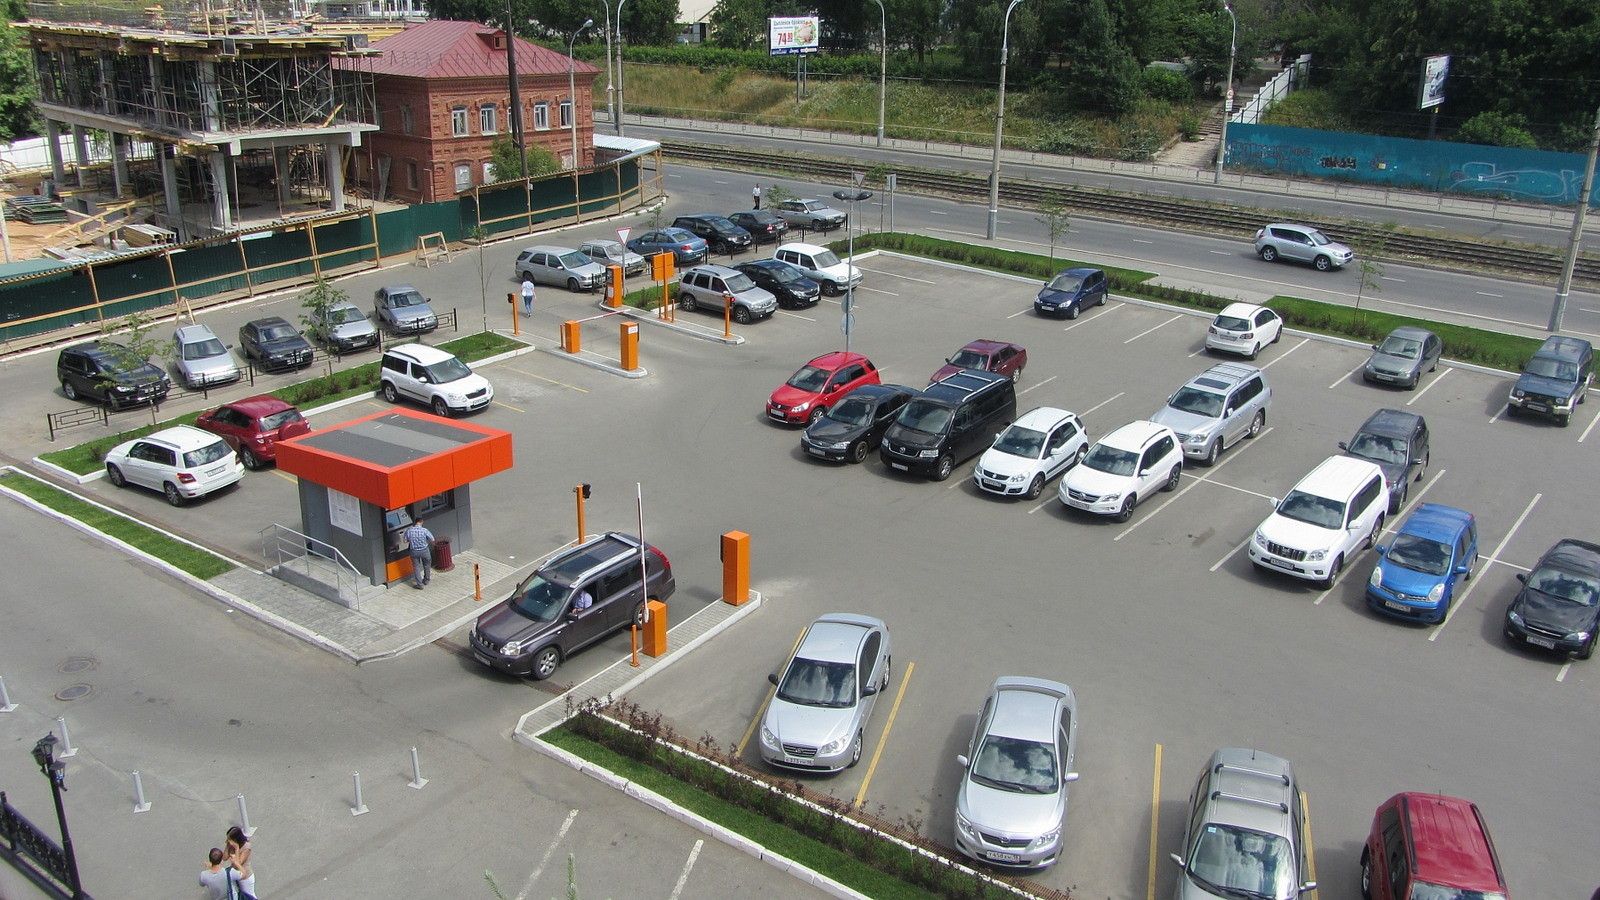 3-х летние резидентные разрешения наавтостоянку можно оплатить при помощи приложения «Парковки Москвы»